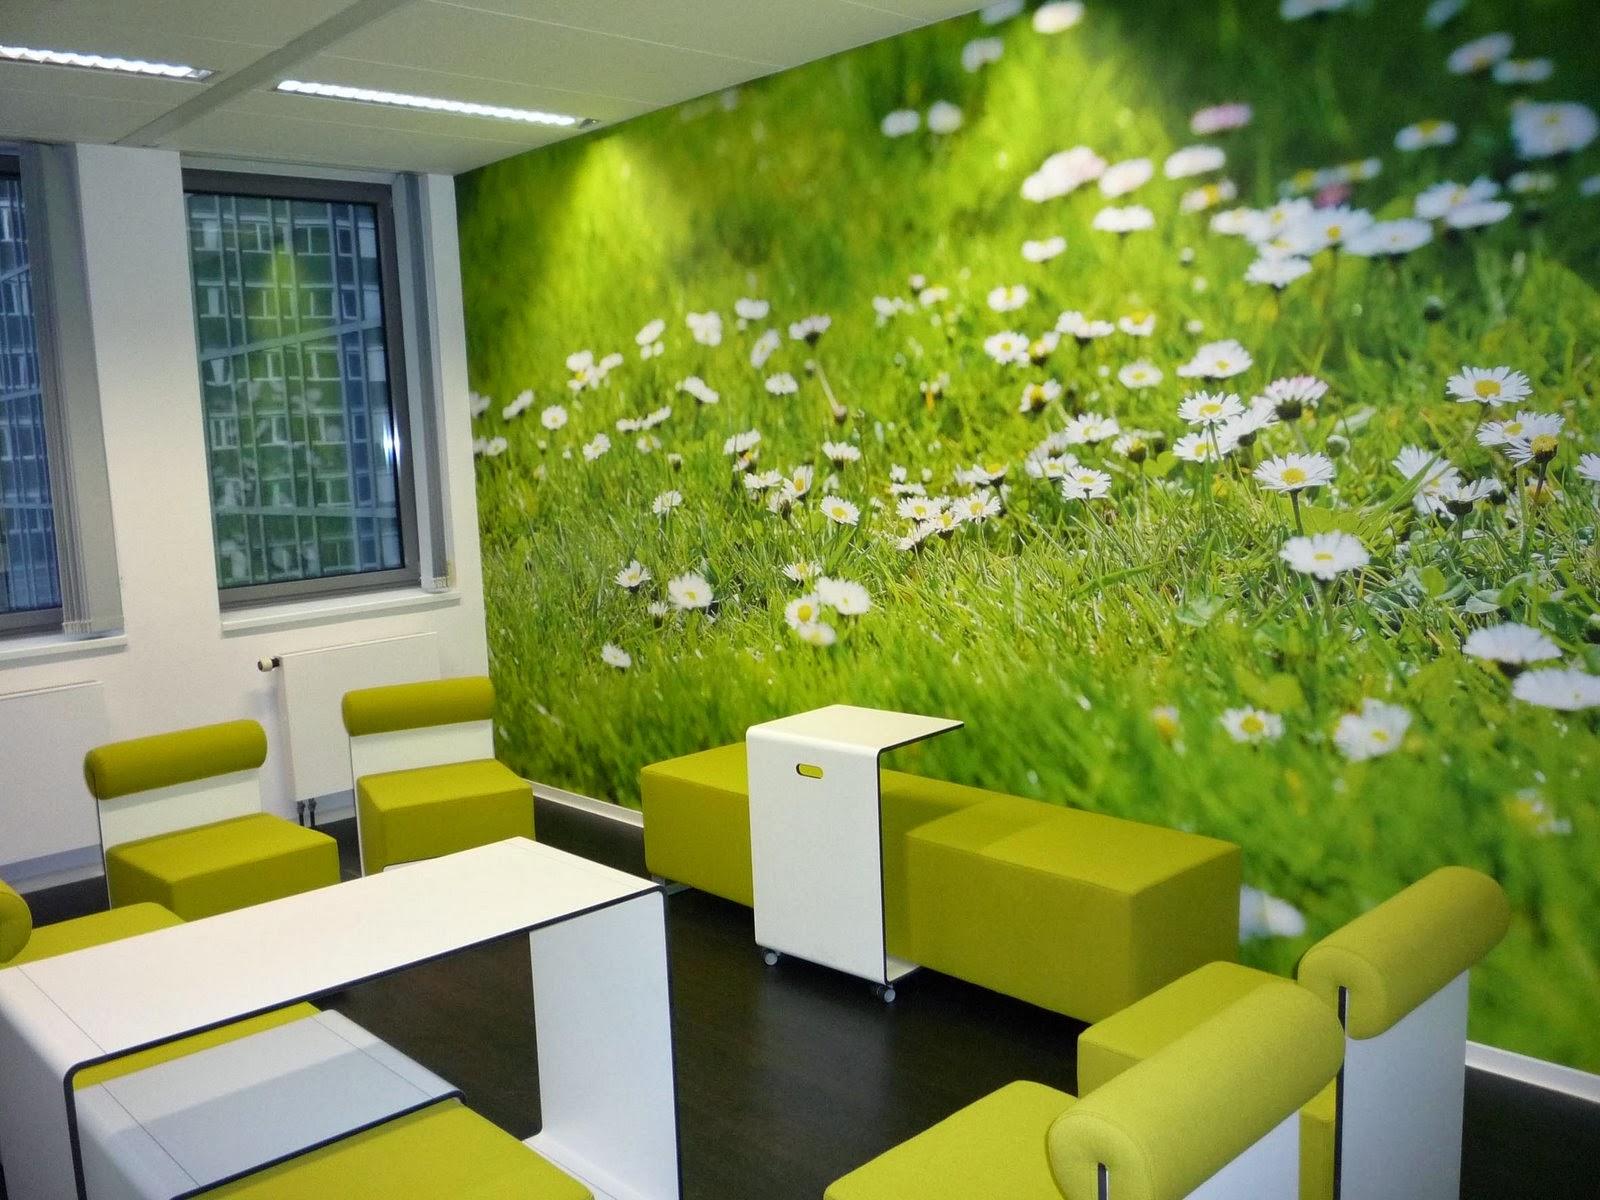 Fotomurales impresos en tejido no tejido decoraci n de - Donde decorar fotos ...